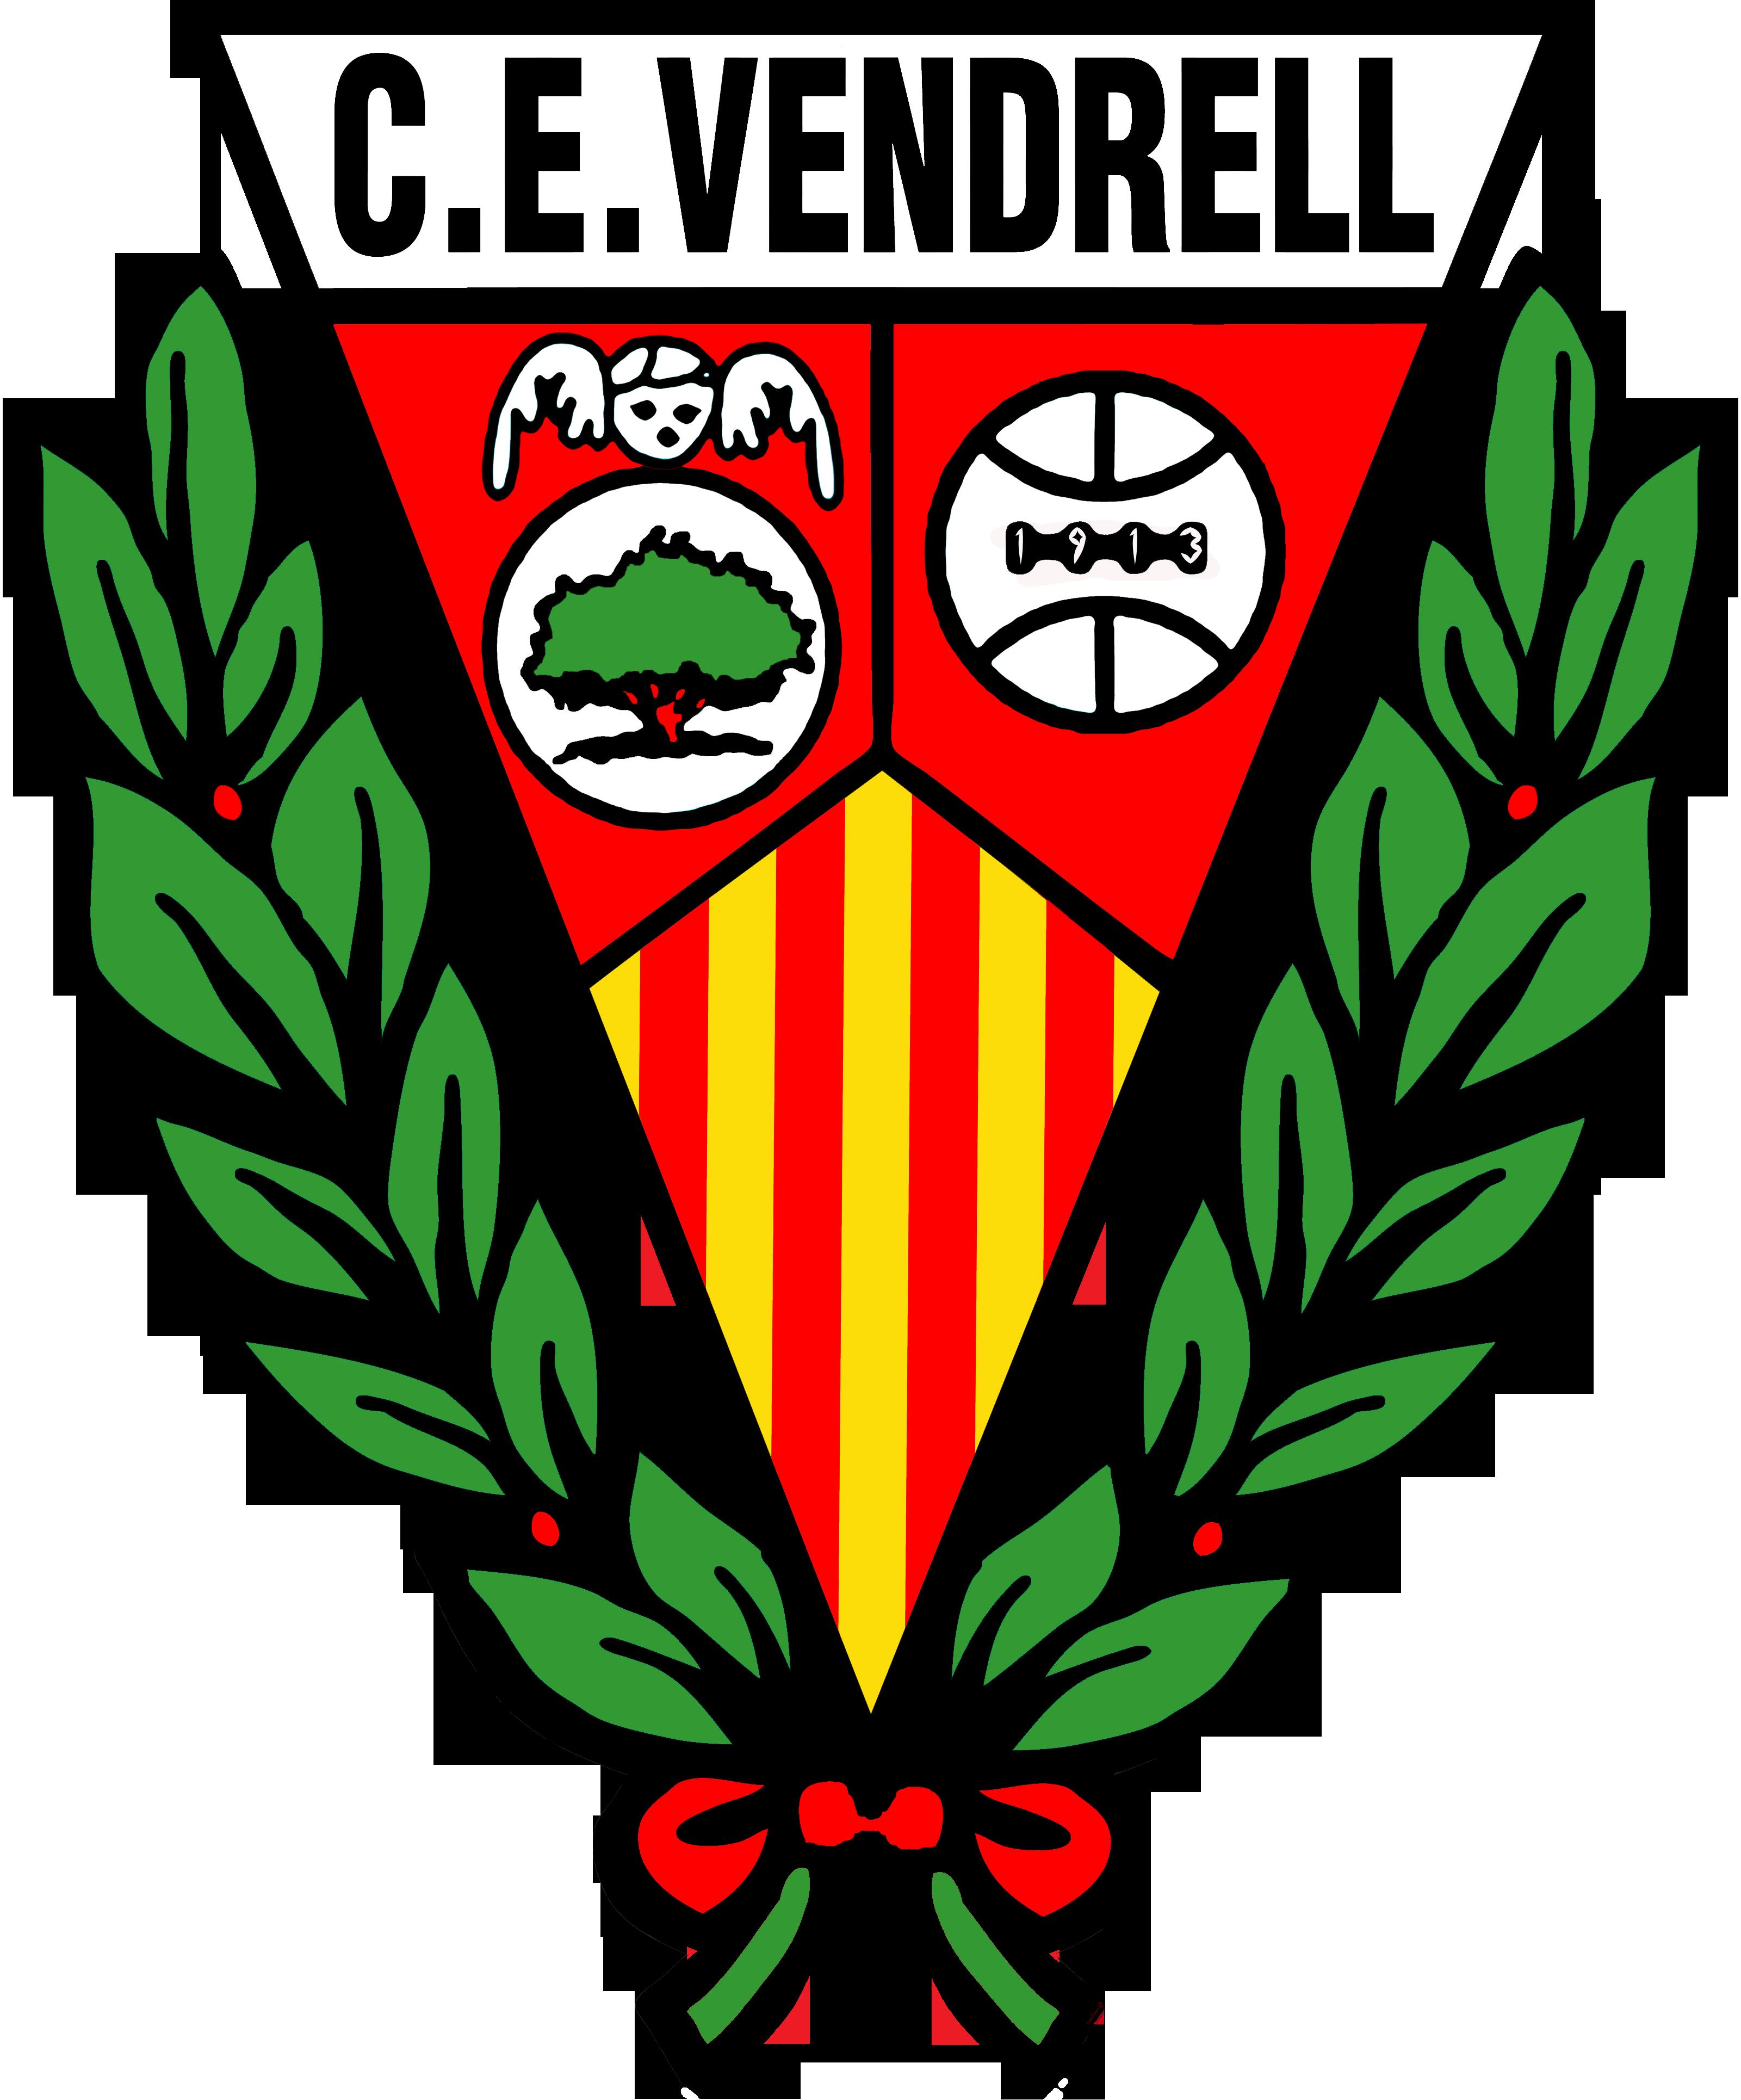 C.E. Vendrell FEM